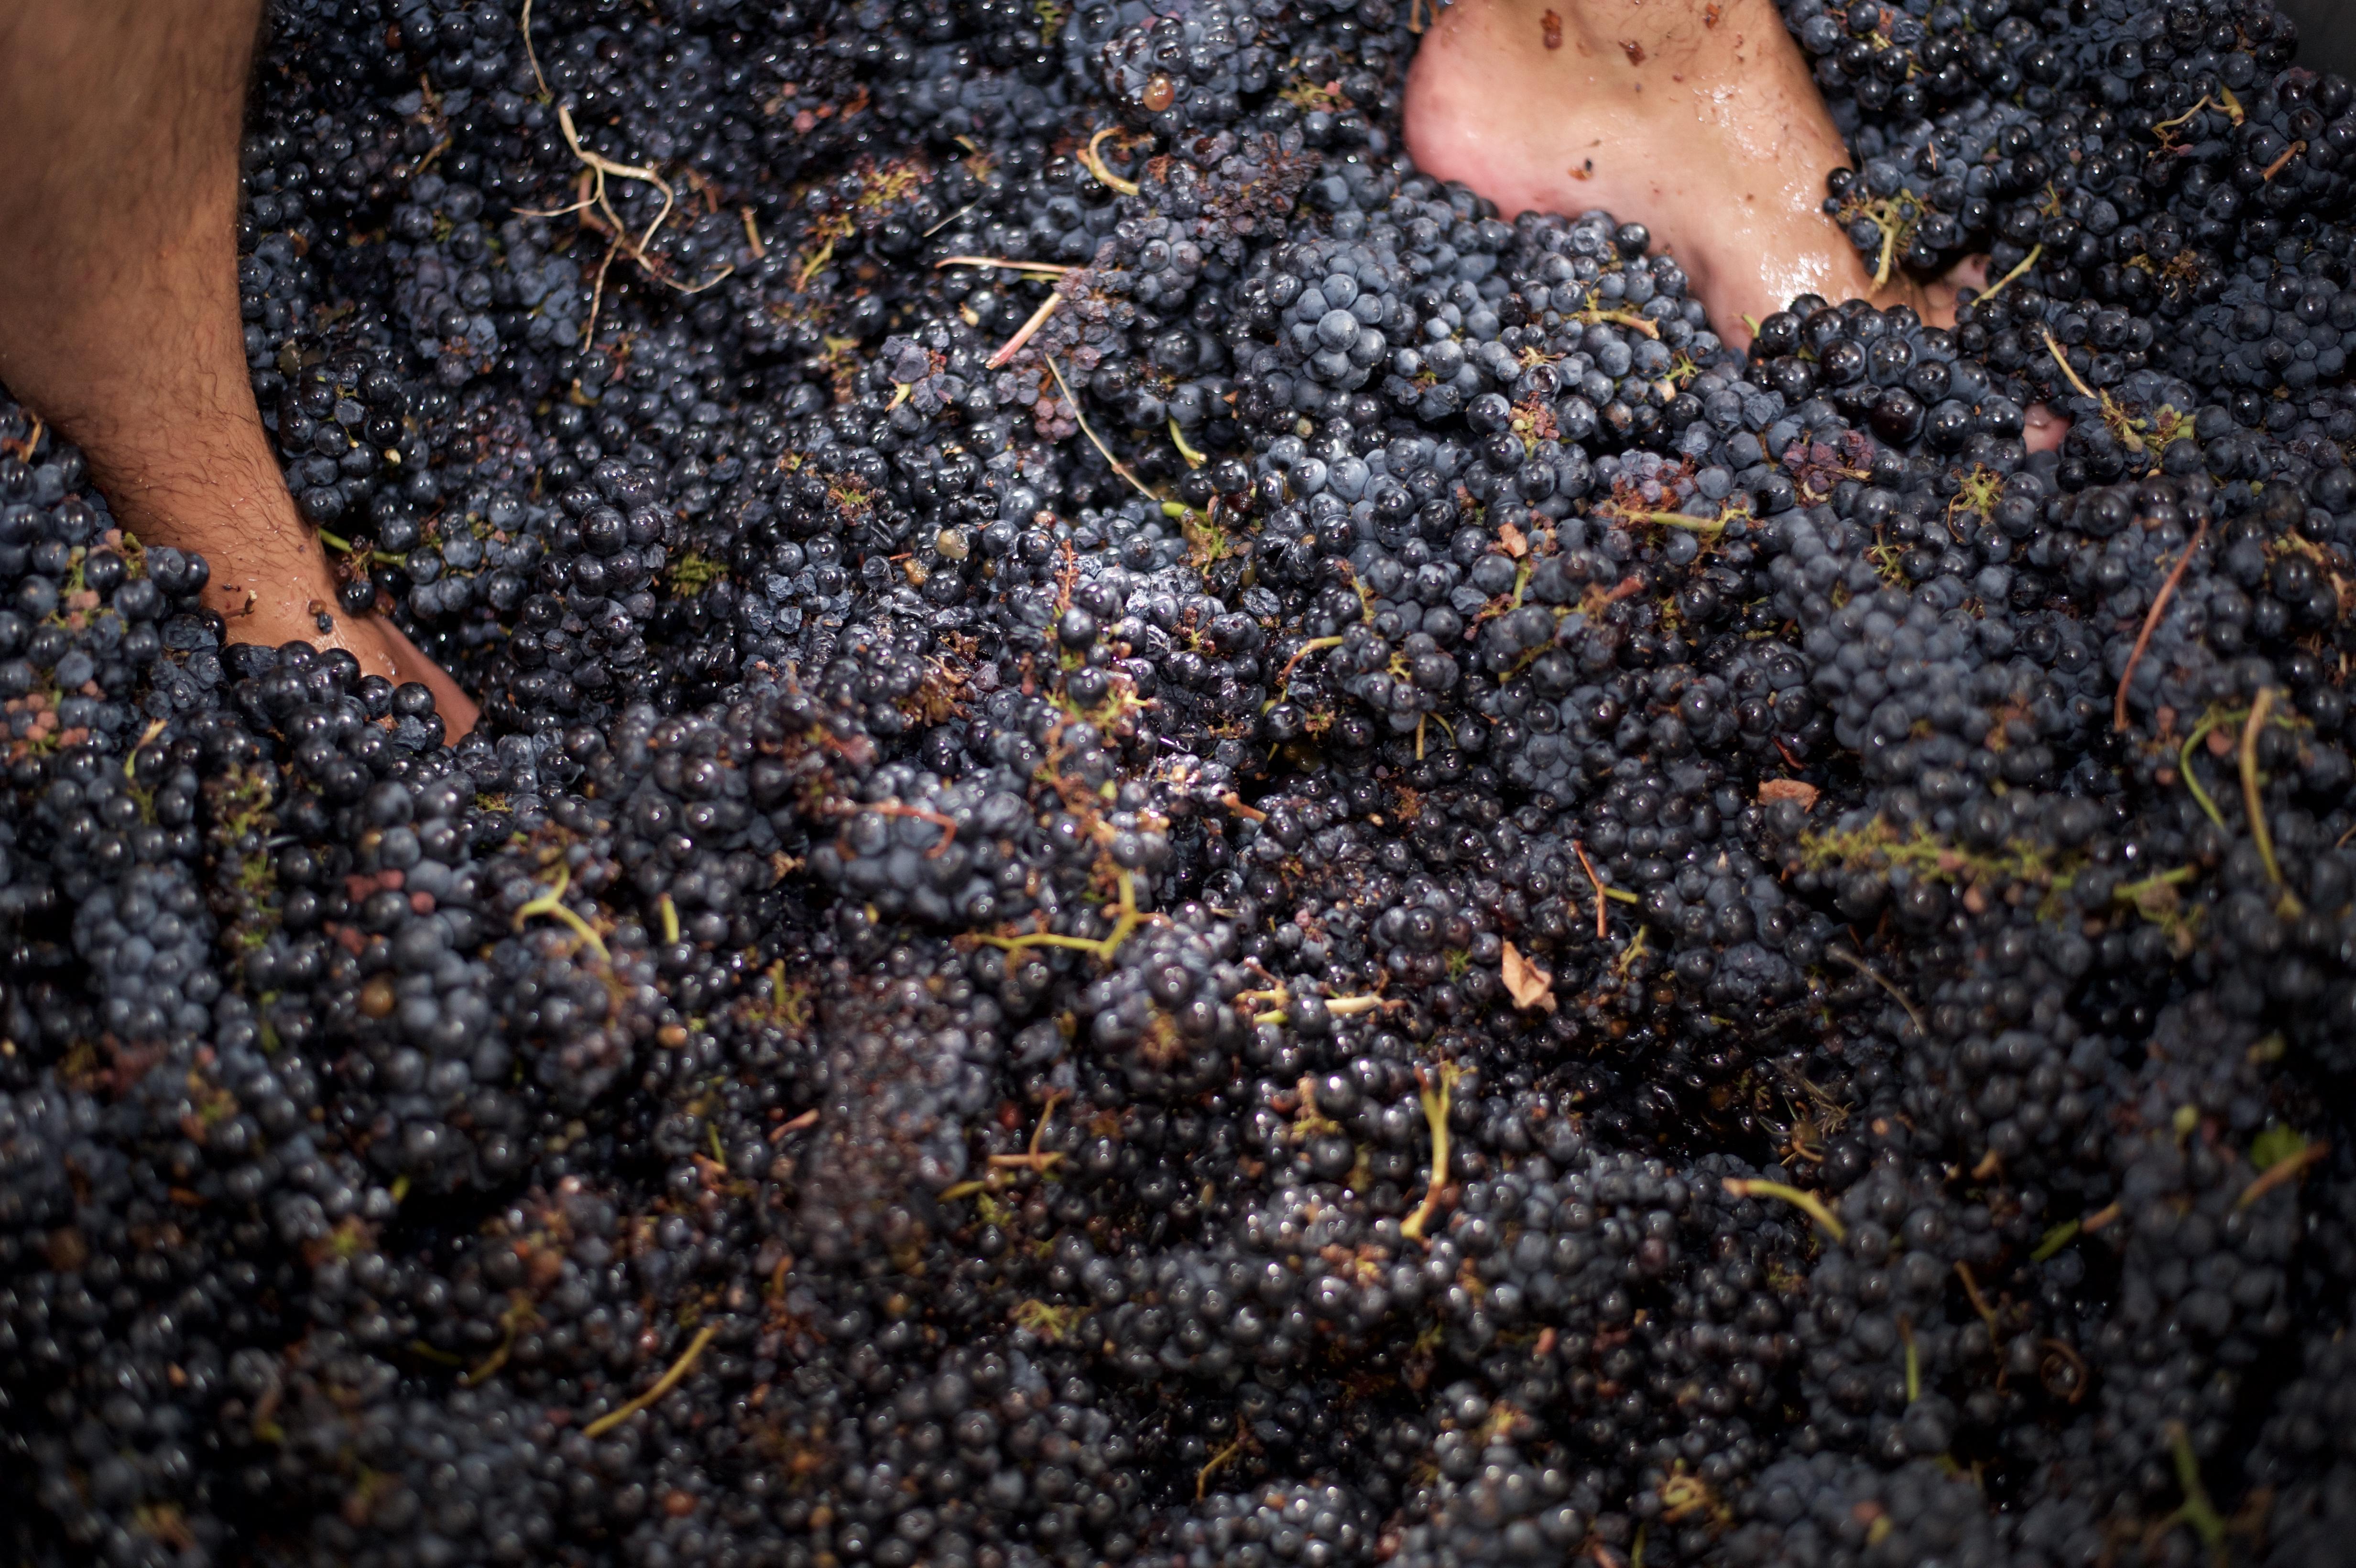 Pisar la uva una tradición ancestral